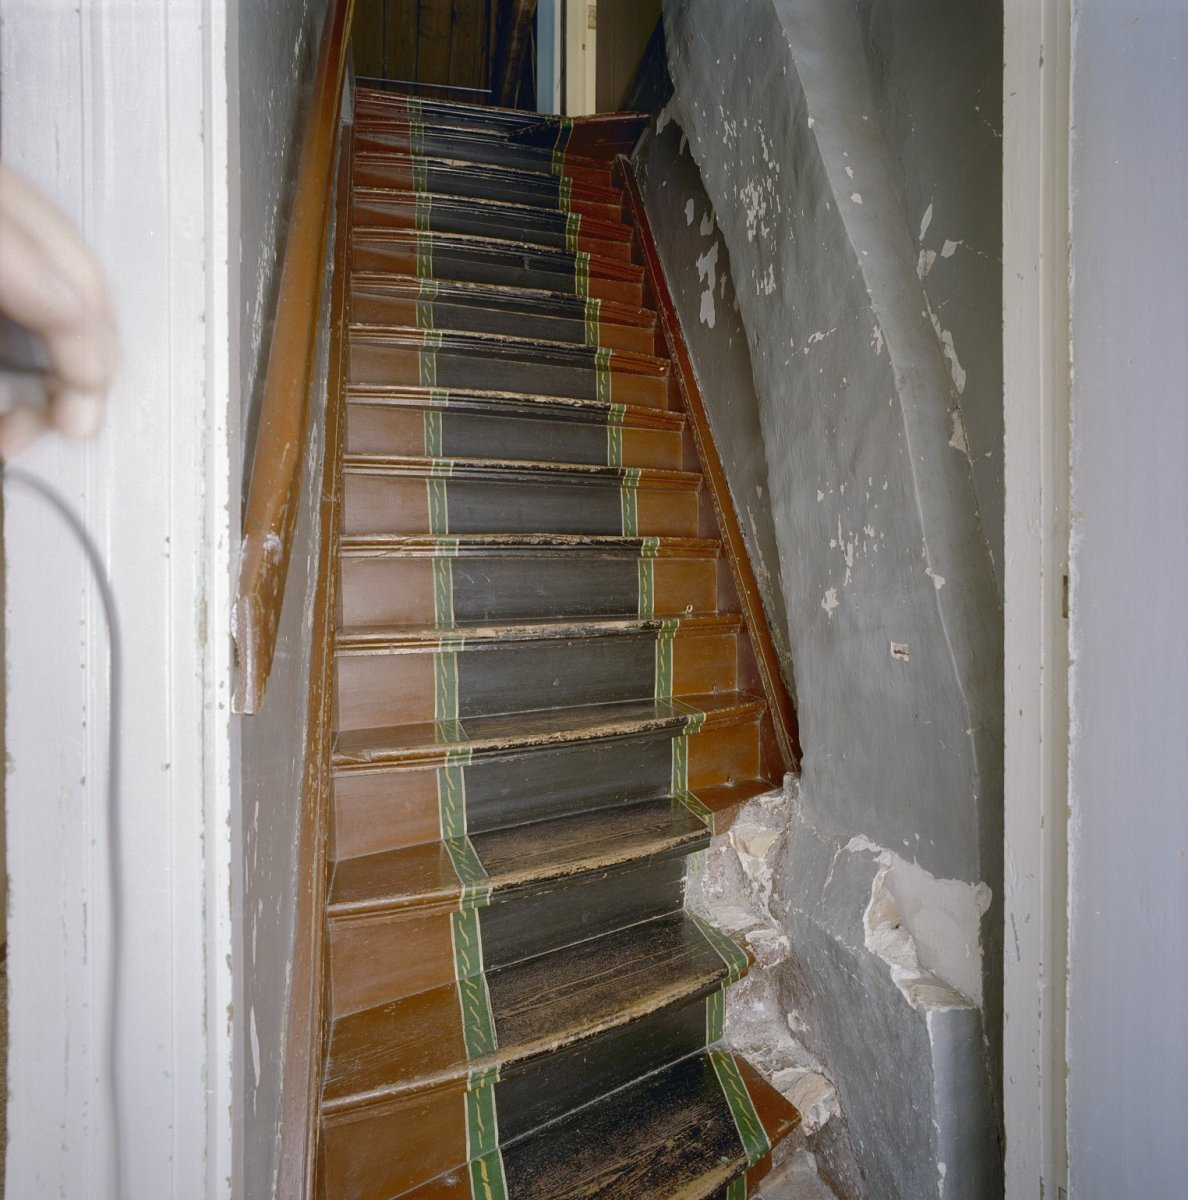 File interieur trap met geschilderde motieven heijningen 20337287 wikimedia commons - Interieur trap model ...